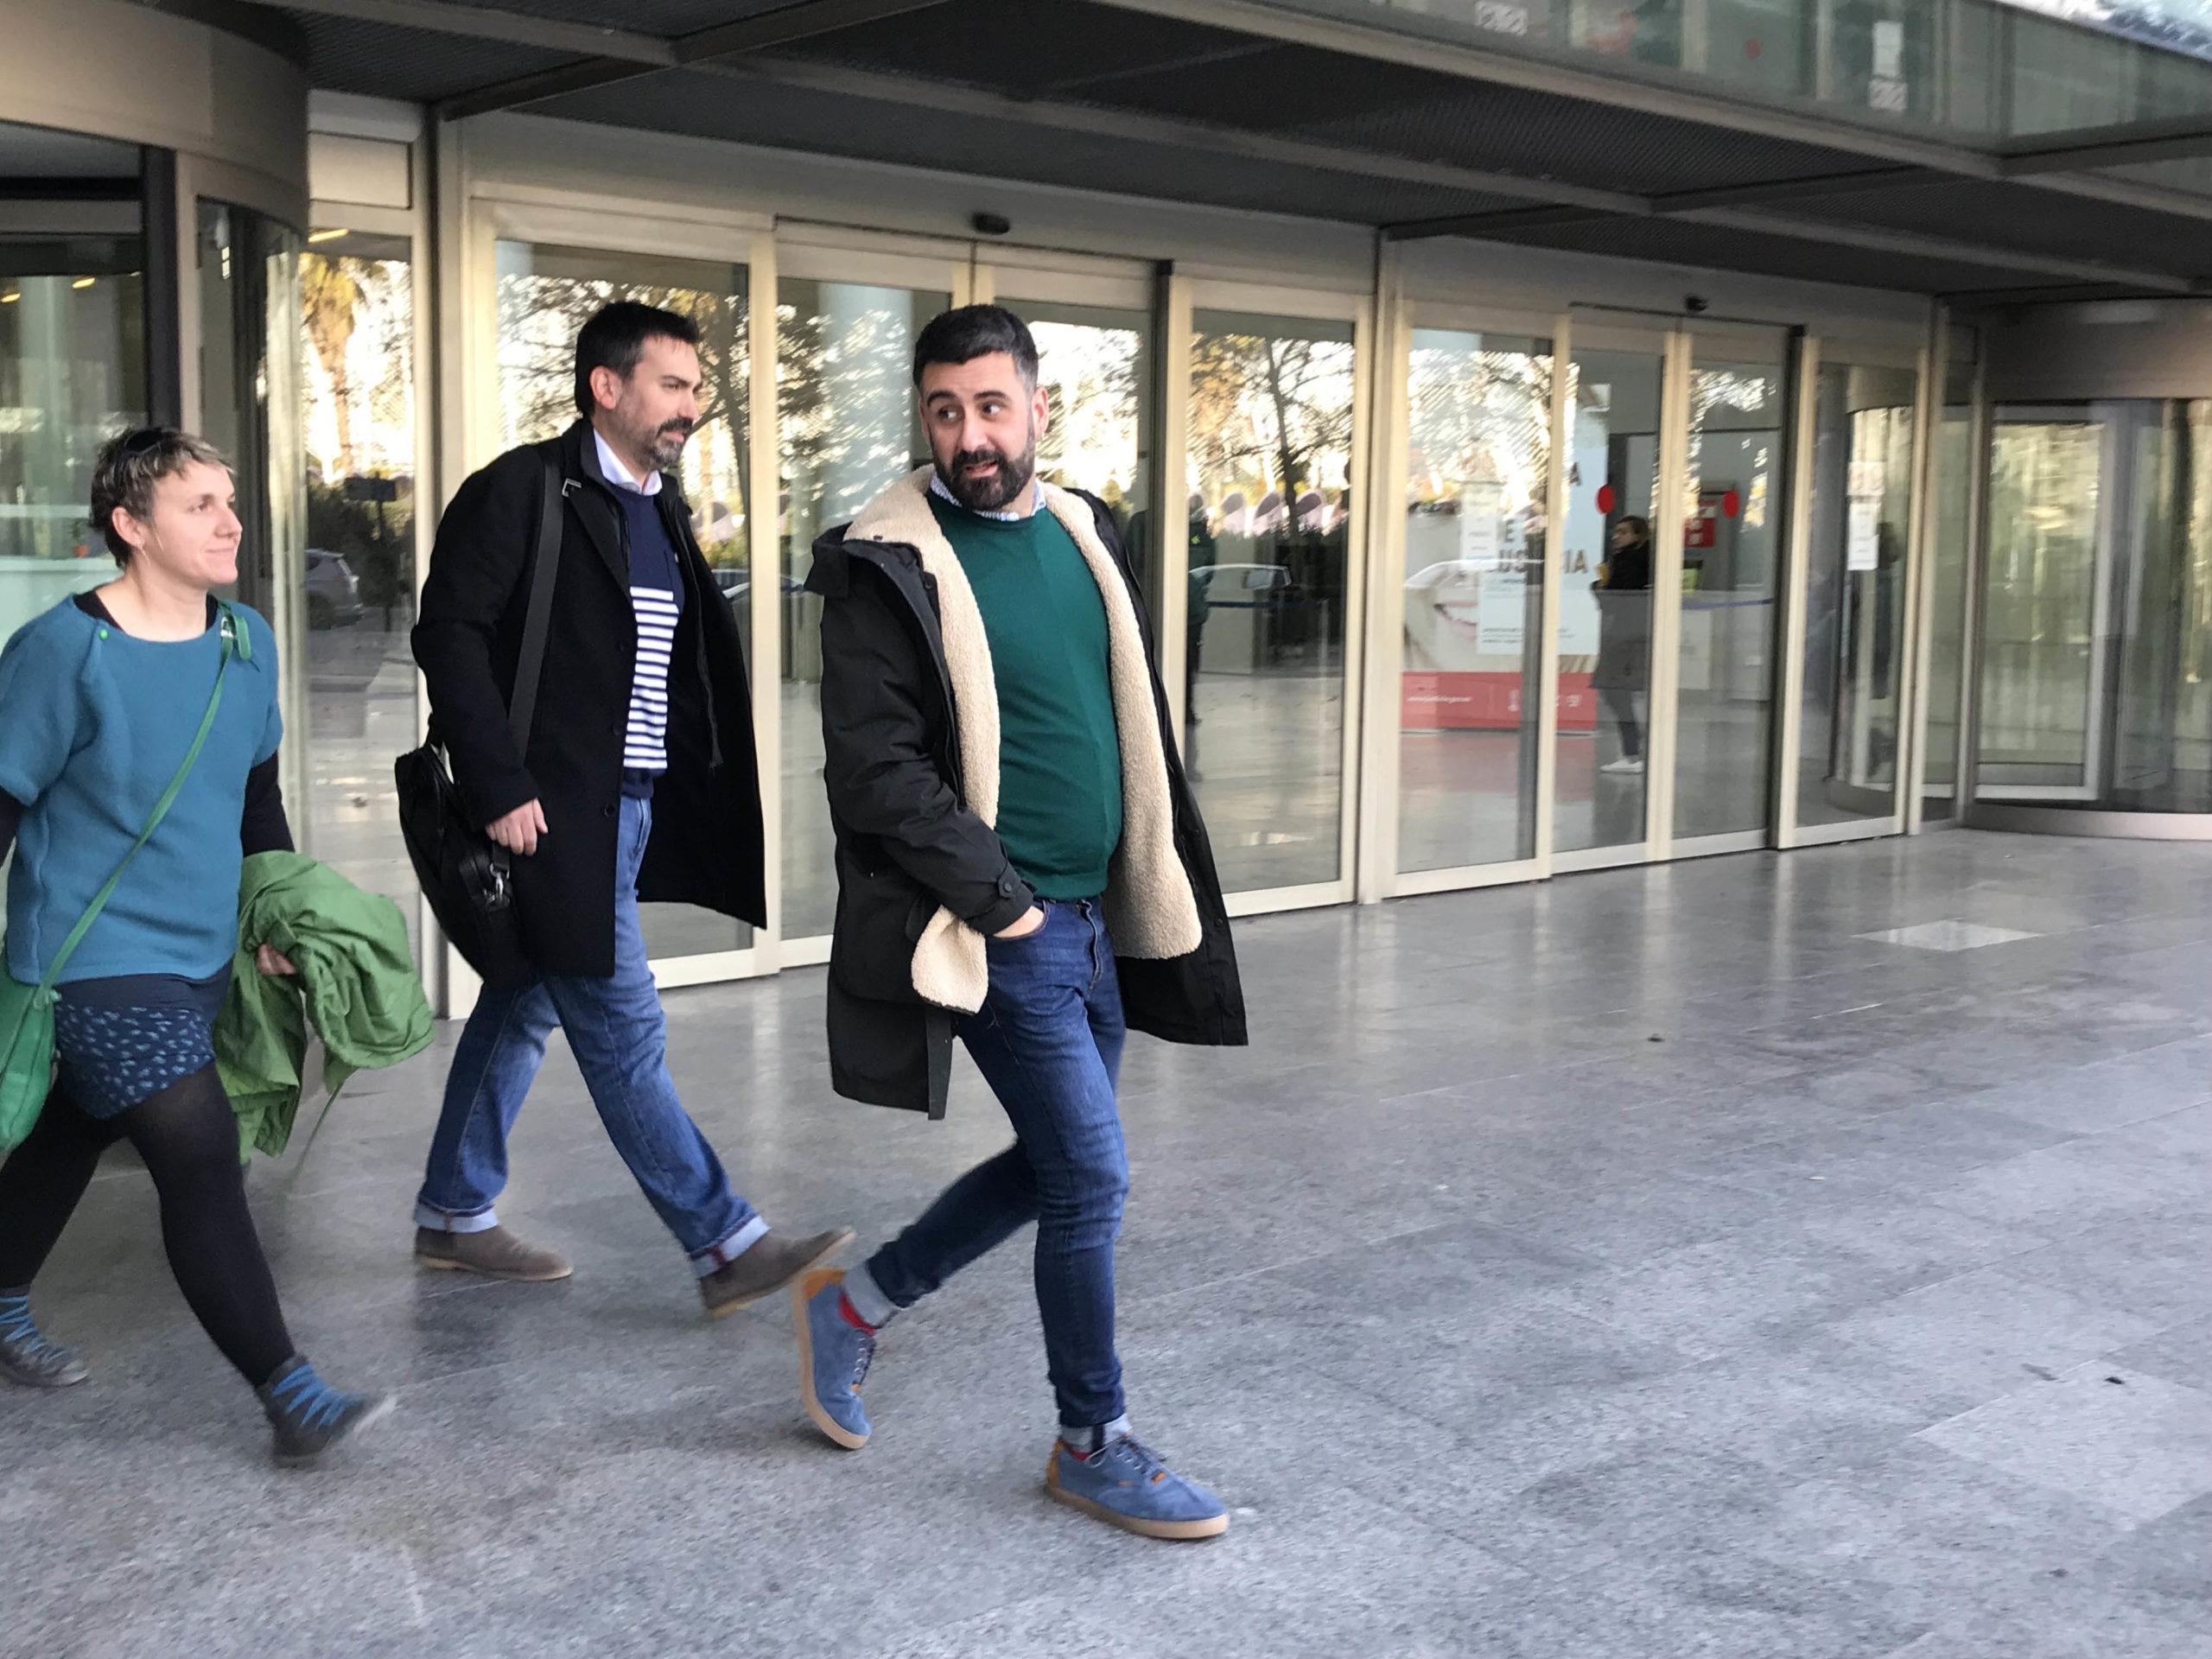 El concejal Pere Fuset sale de la Ciudad de la Justicia tras declarar por el acc